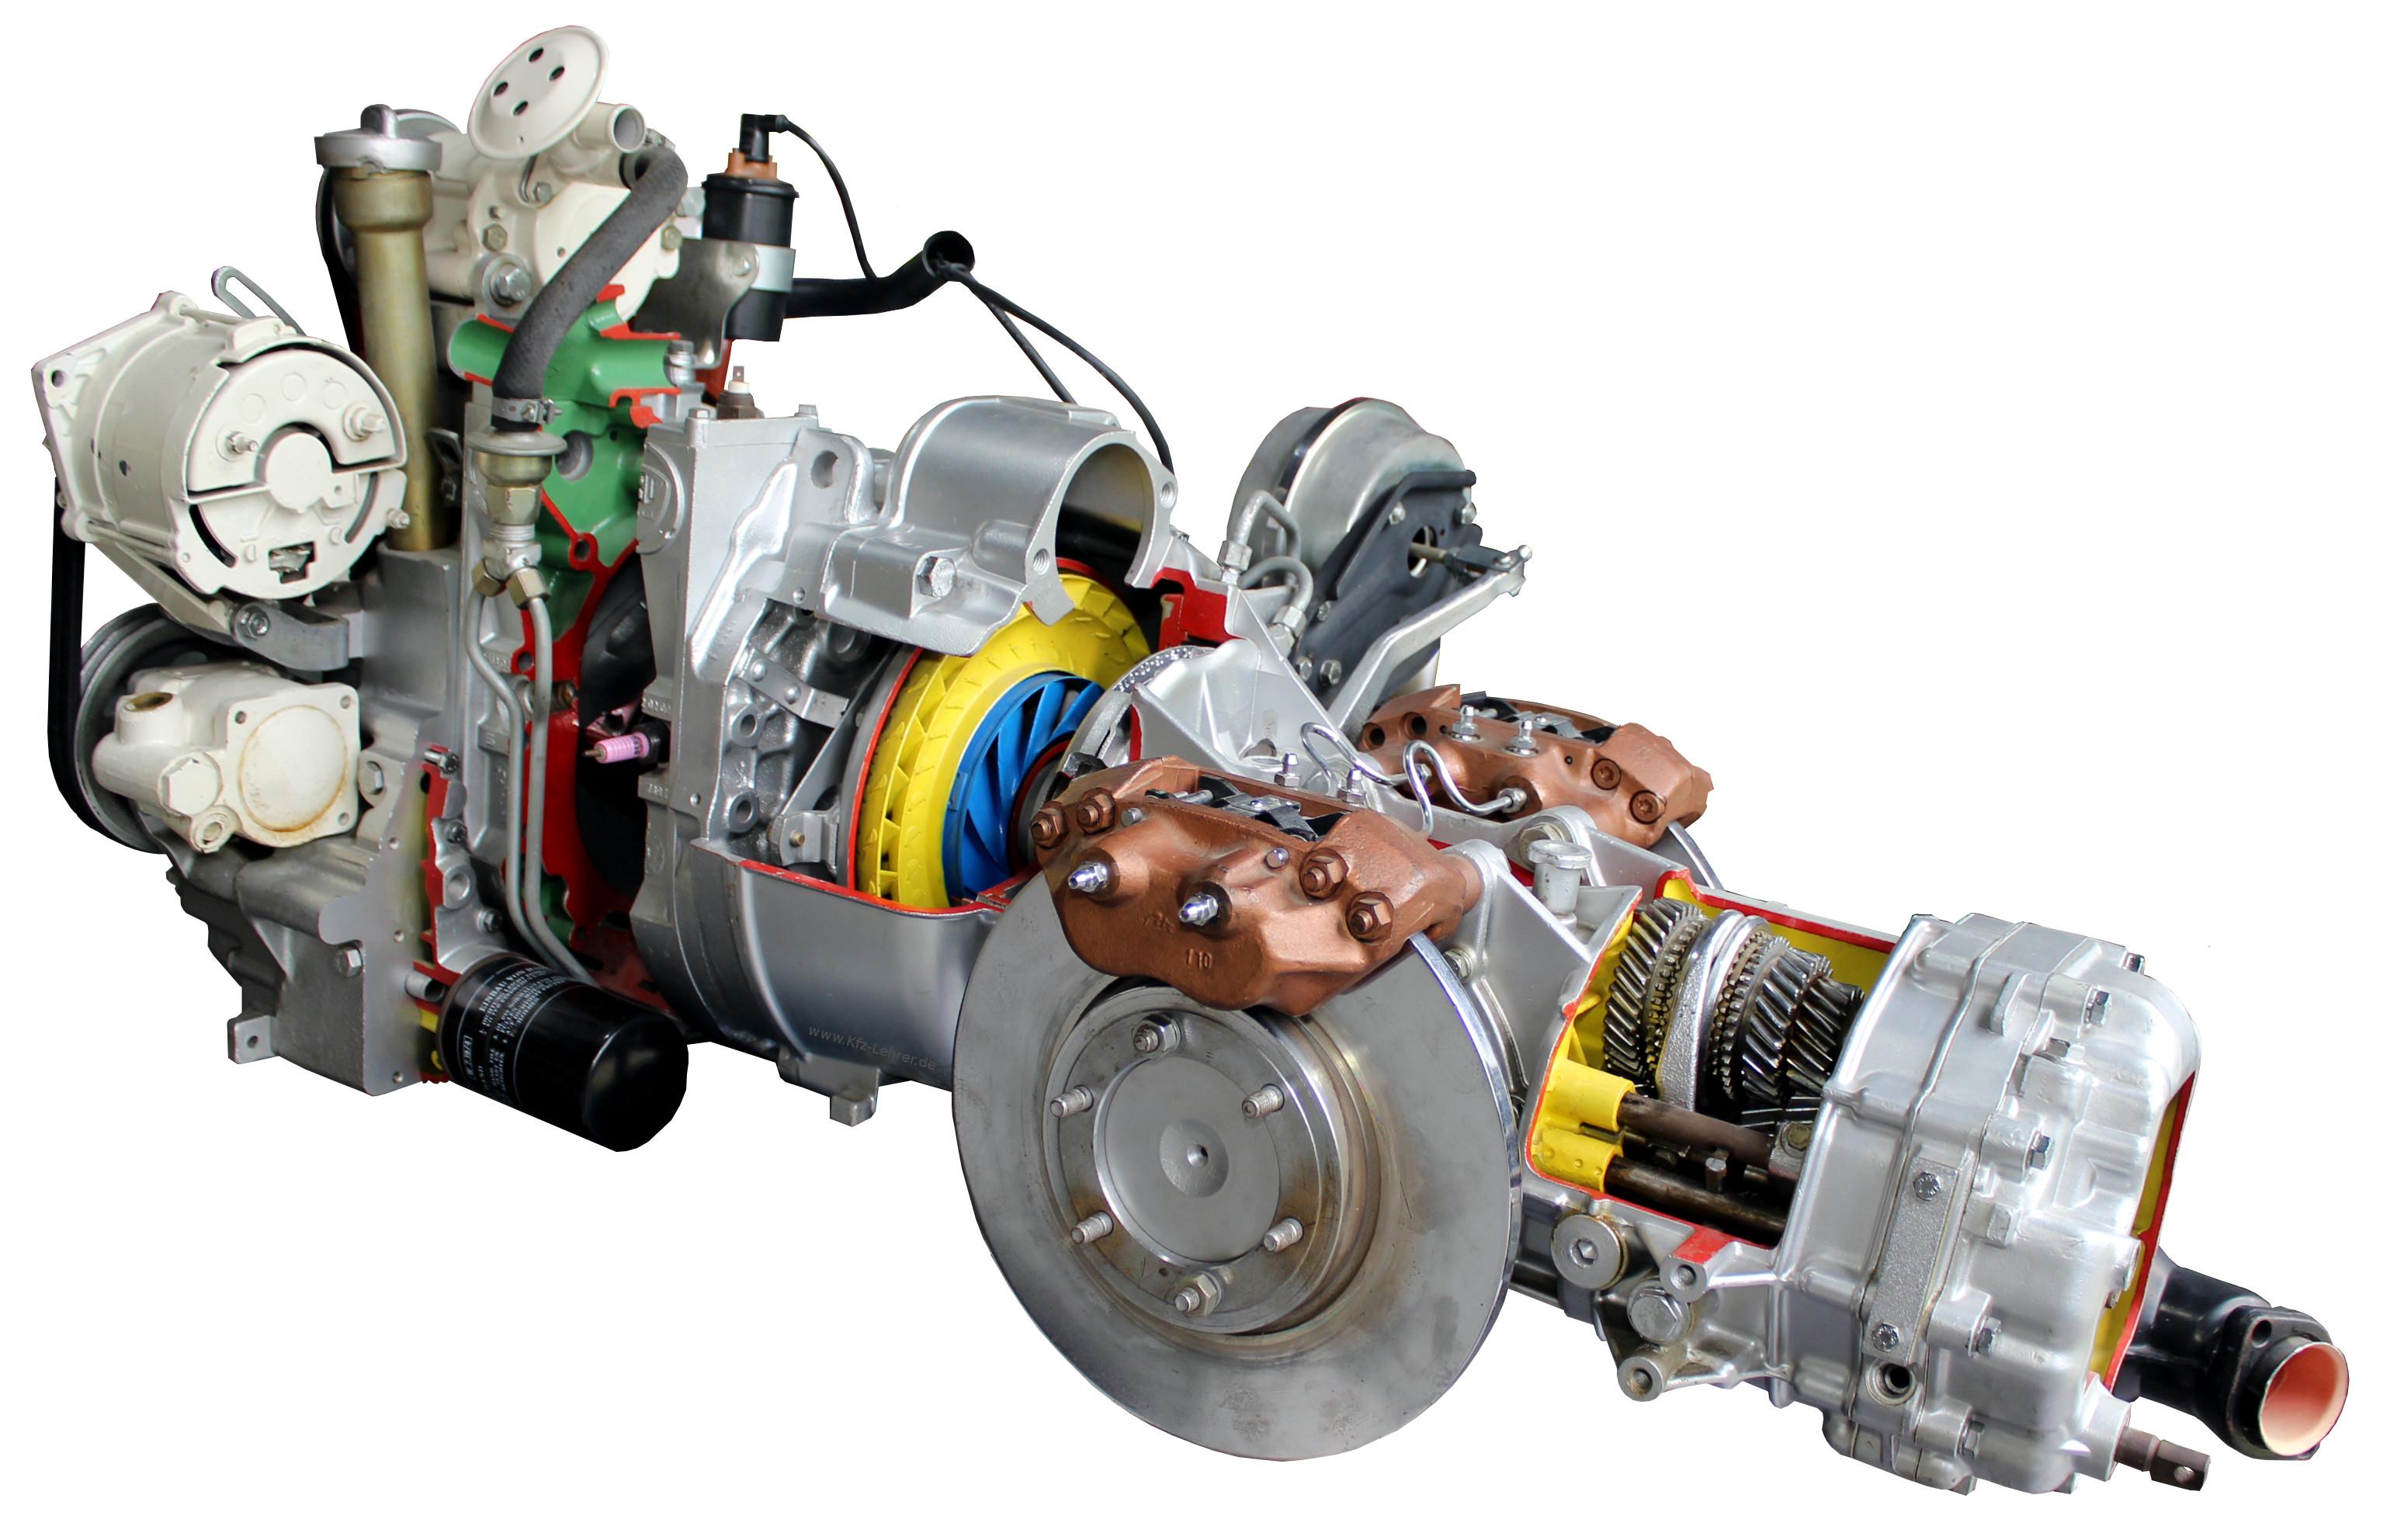 Blick auf das Schnittmodell eines Wankelmotors aus dem NSU RO 80 von 1971